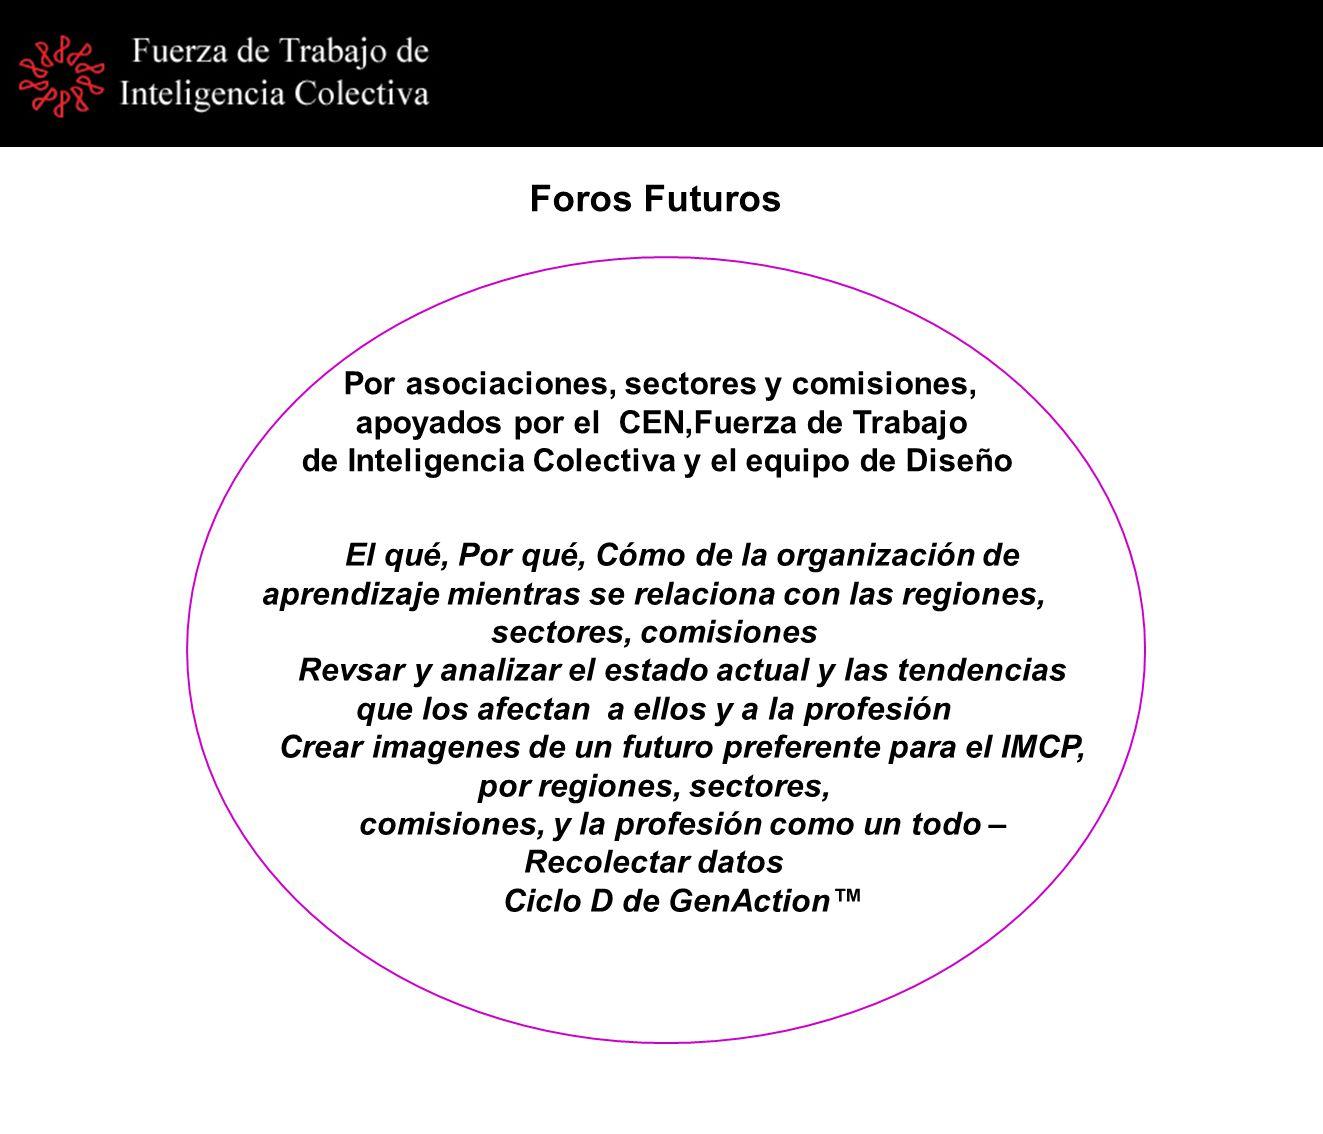 Por asociaciones, sectores y comisiones, apoyados por el CEN,Fuerza de Trabajo de Inteligencia Colectiva y el equipo de Diseño El qué, Por qué, Cómo de la organización de aprendizaje mientras se relaciona con las regiones, sectores, comisiones Revsar y analizar el estado actual y las tendencias que los afectan a ellos y a la profesión Crear imagenes de un futuro preferente para el IMCP, por regiones, sectores, comisiones, y la profesión como un todo – Recolectar datos Ciclo D de GenAction Foros Futuros